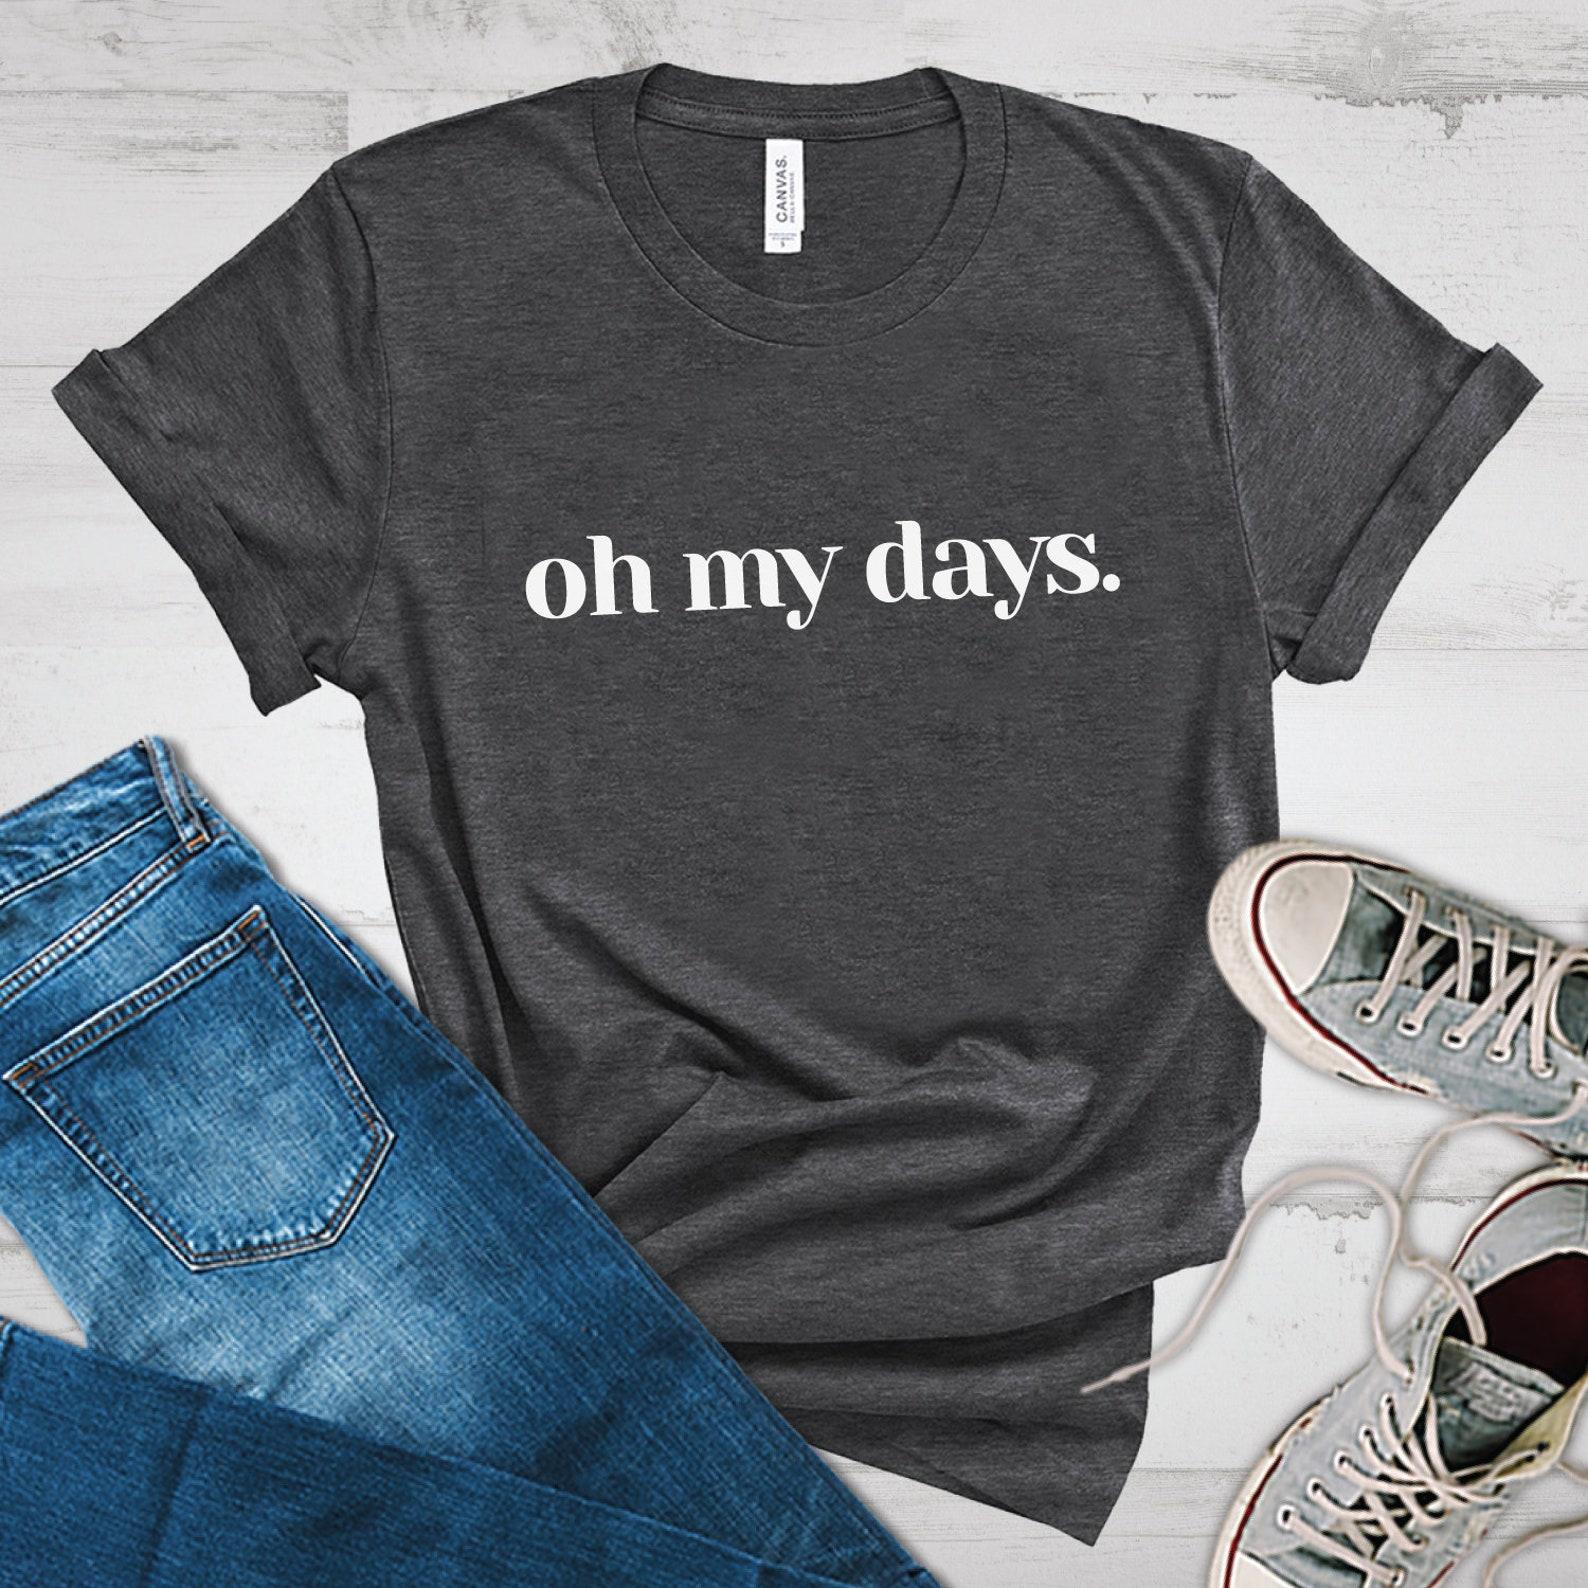 Một chiếc áo phông in cụm từ oh my days. Ảnh: Zazzle